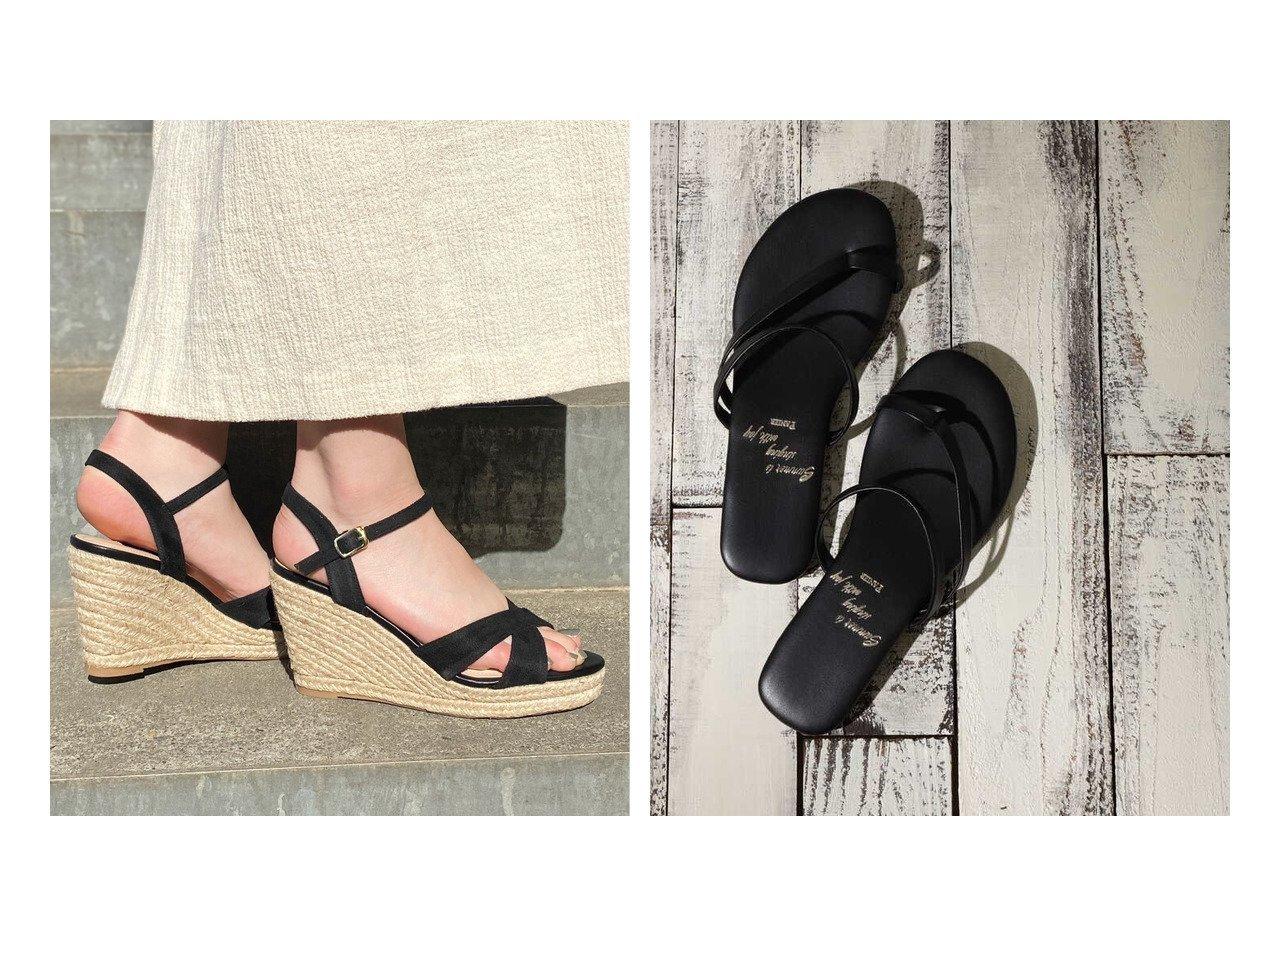 【EVOL/イーボル】の【EVOL】 ウエッジサンダル&【N.Natural Beauty basic/エヌ ナチュラルビューティーベーシック】のアシンメトリーフラットサンダル 【シューズ・靴】おすすめ!人気、トレンド・レディースファッションの通販 おすすめで人気の流行・トレンド、ファッションの通販商品 インテリア・家具・メンズファッション・キッズファッション・レディースファッション・服の通販 founy(ファニー) https://founy.com/ ファッション Fashion レディースファッション WOMEN アシンメトリー サンダル デニム フラット マキシ シューズ ジュート ラップ |ID:crp329100000051245